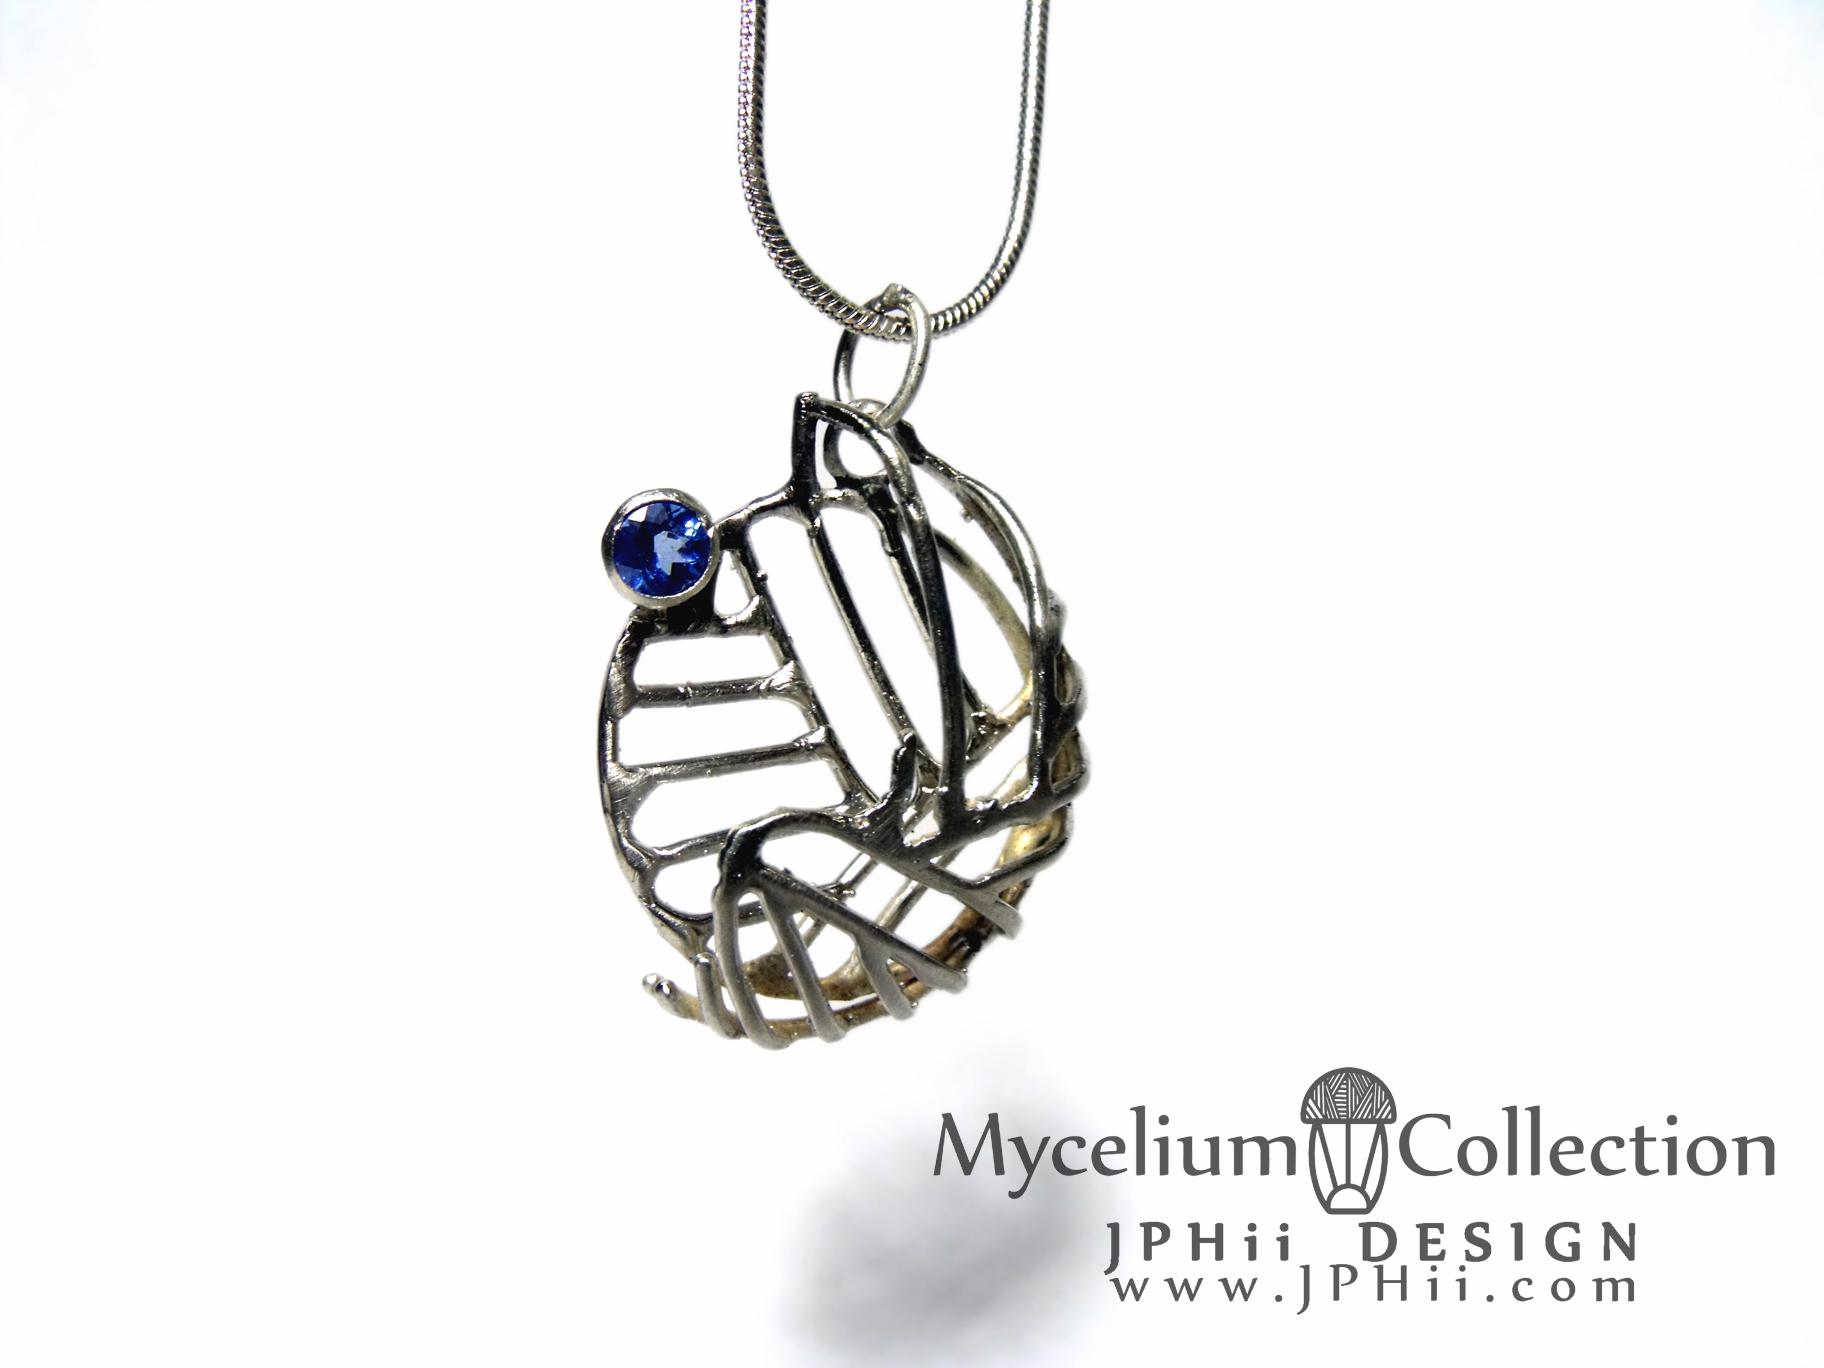 Mycelium Ice Necklace